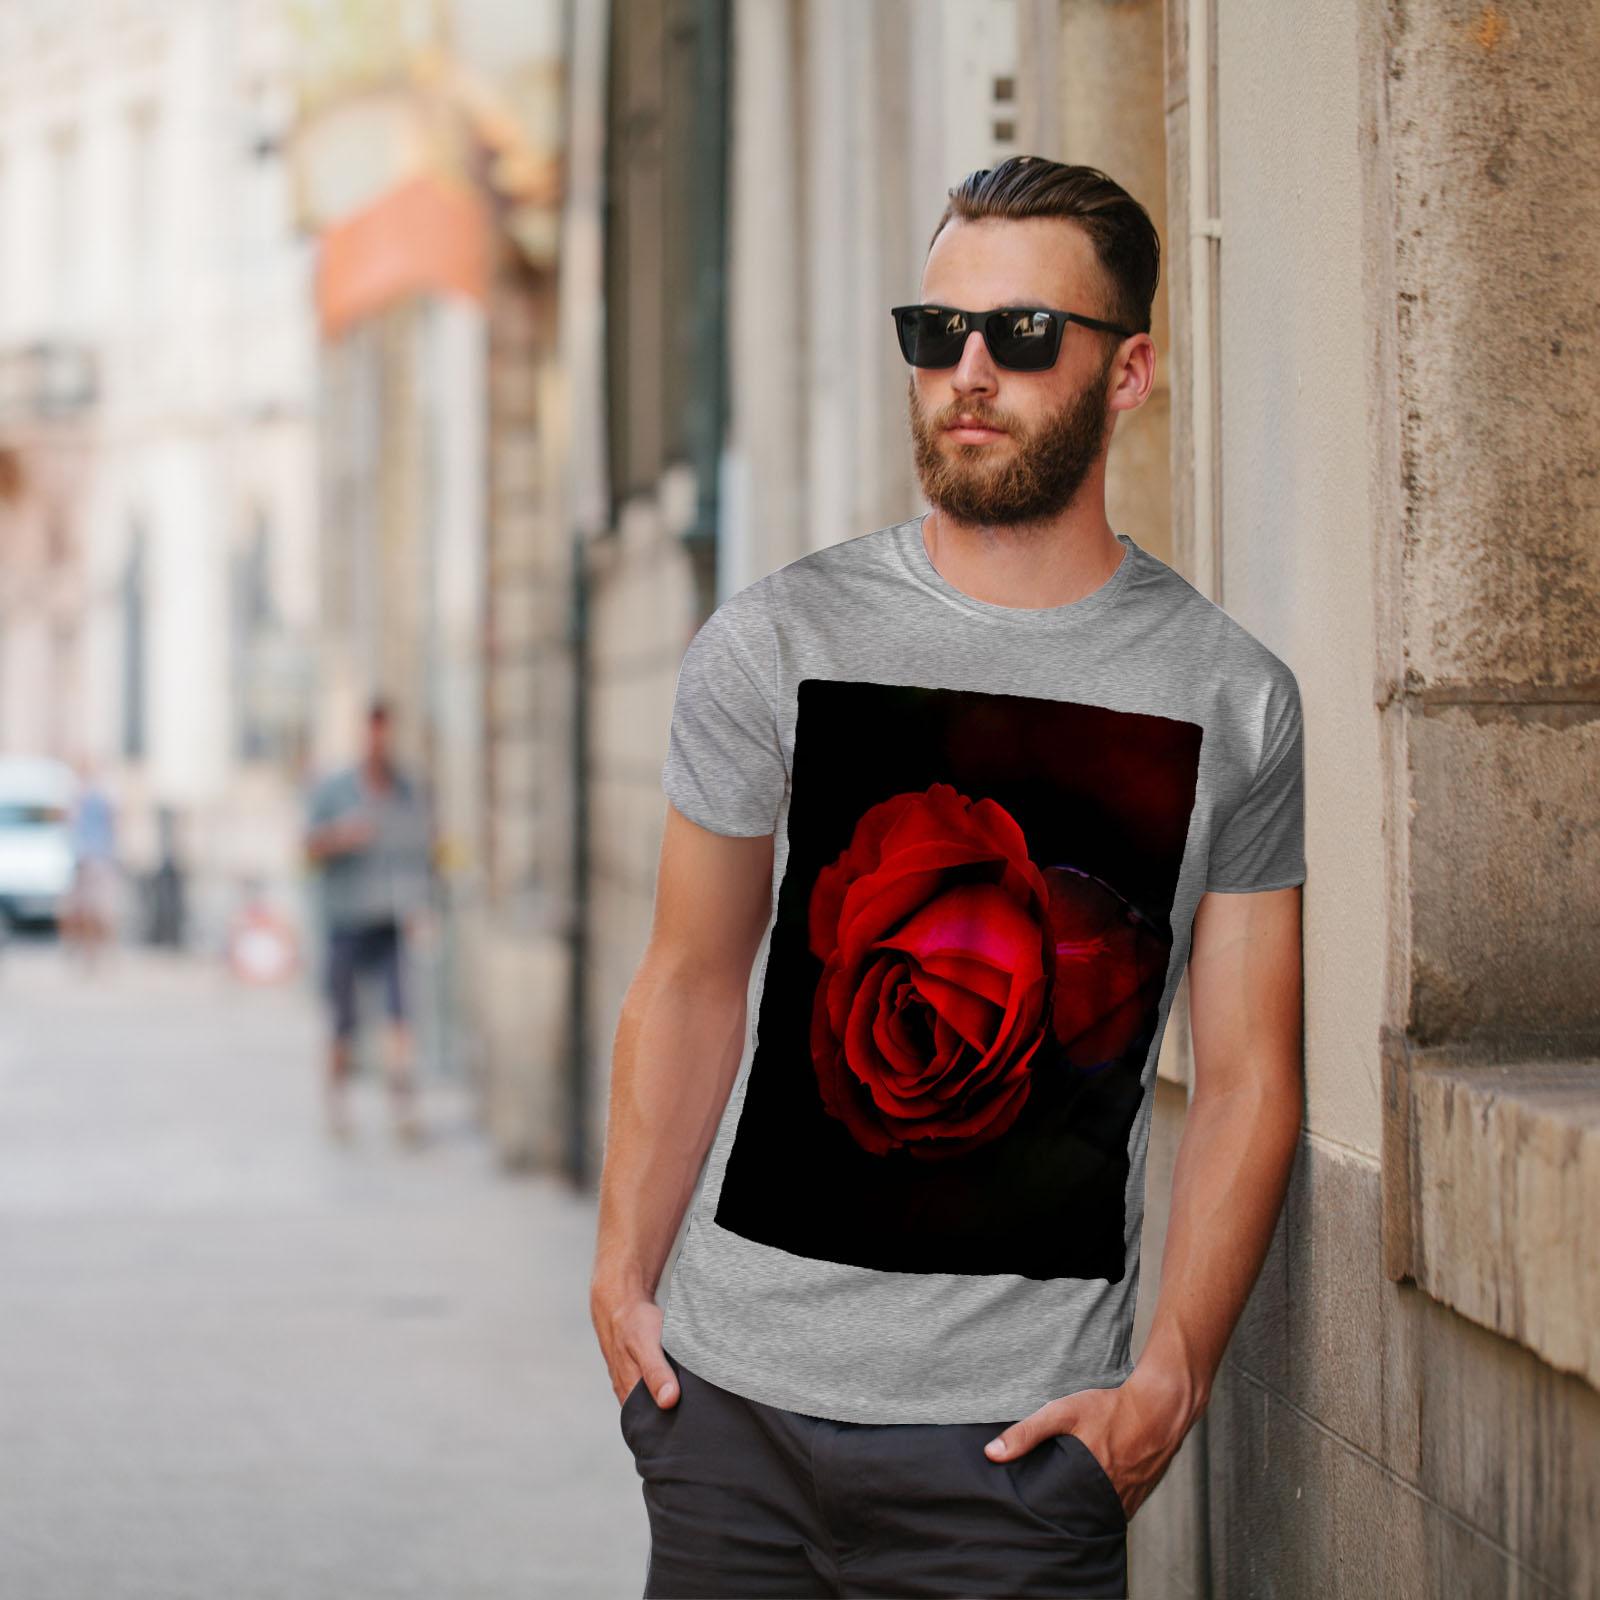 Wellcoda Beauty Rosa Rossa Da Uomo T-shirt romantico design grafico stampato T-shirt